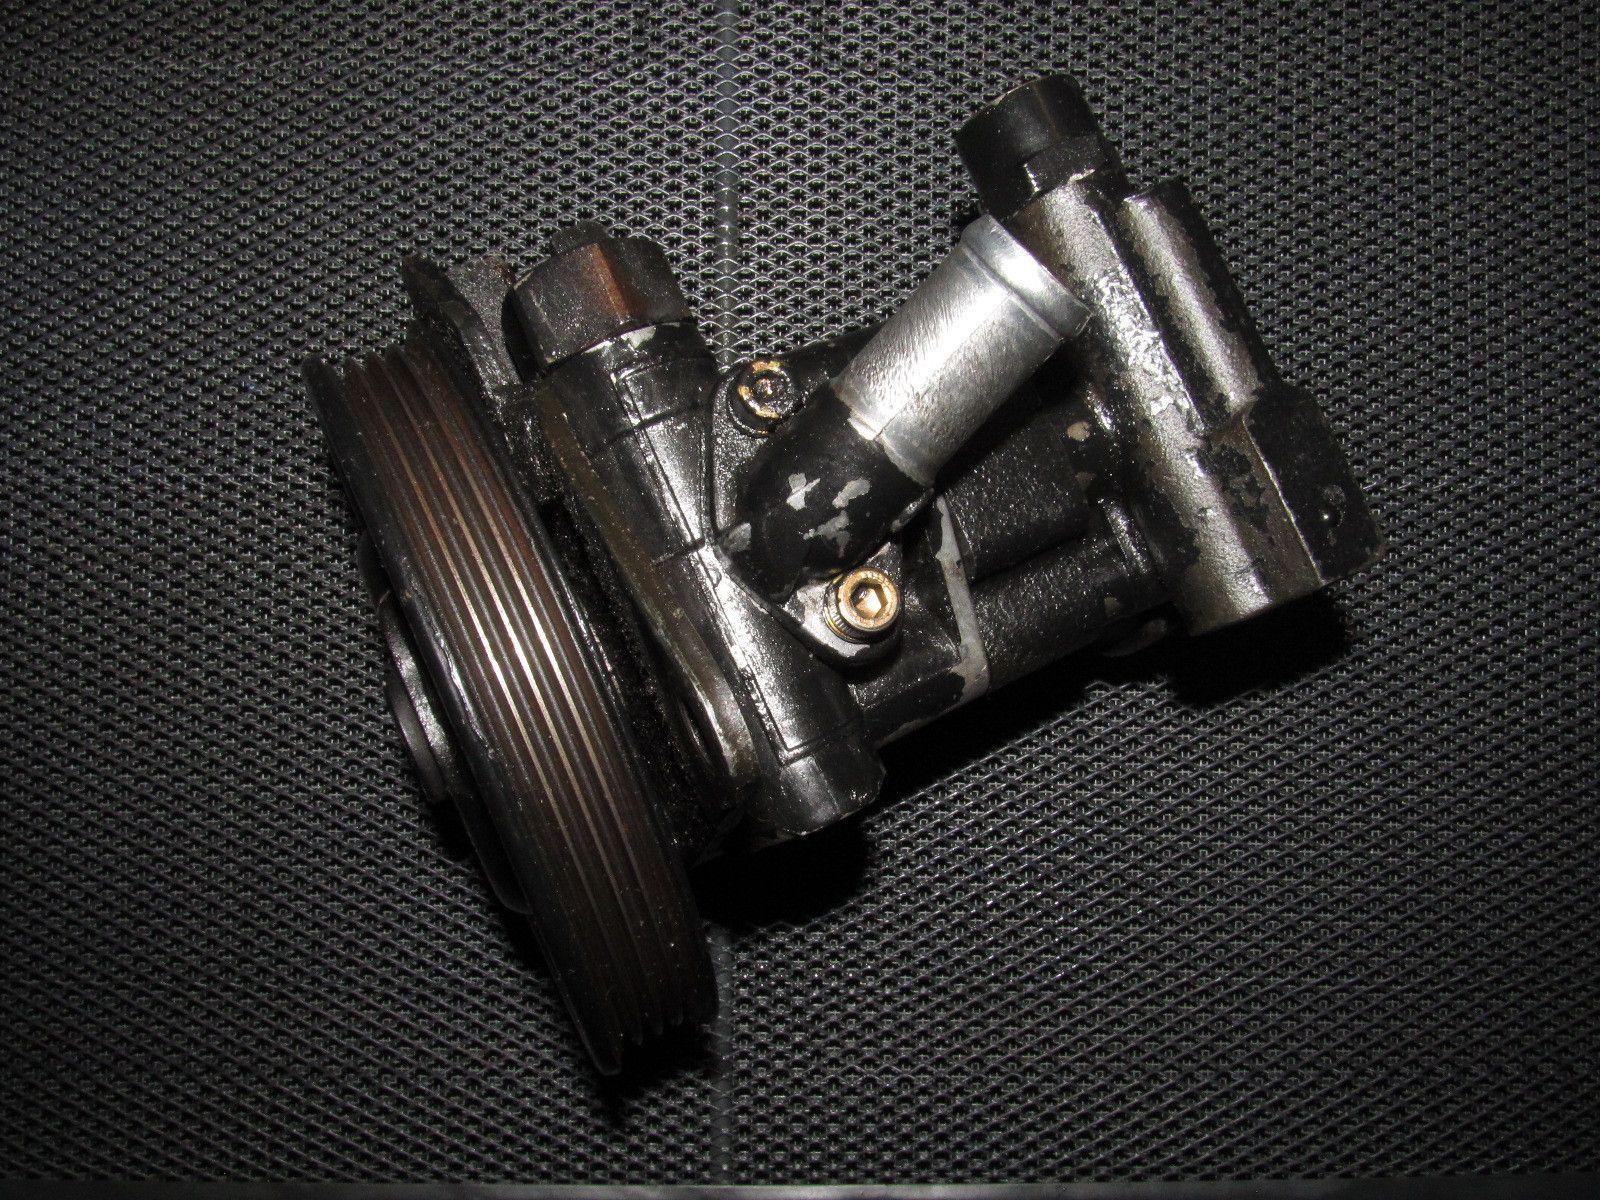 91 92 93 94 nissan 240sx oem power steering pump [ 1600 x 1200 Pixel ]